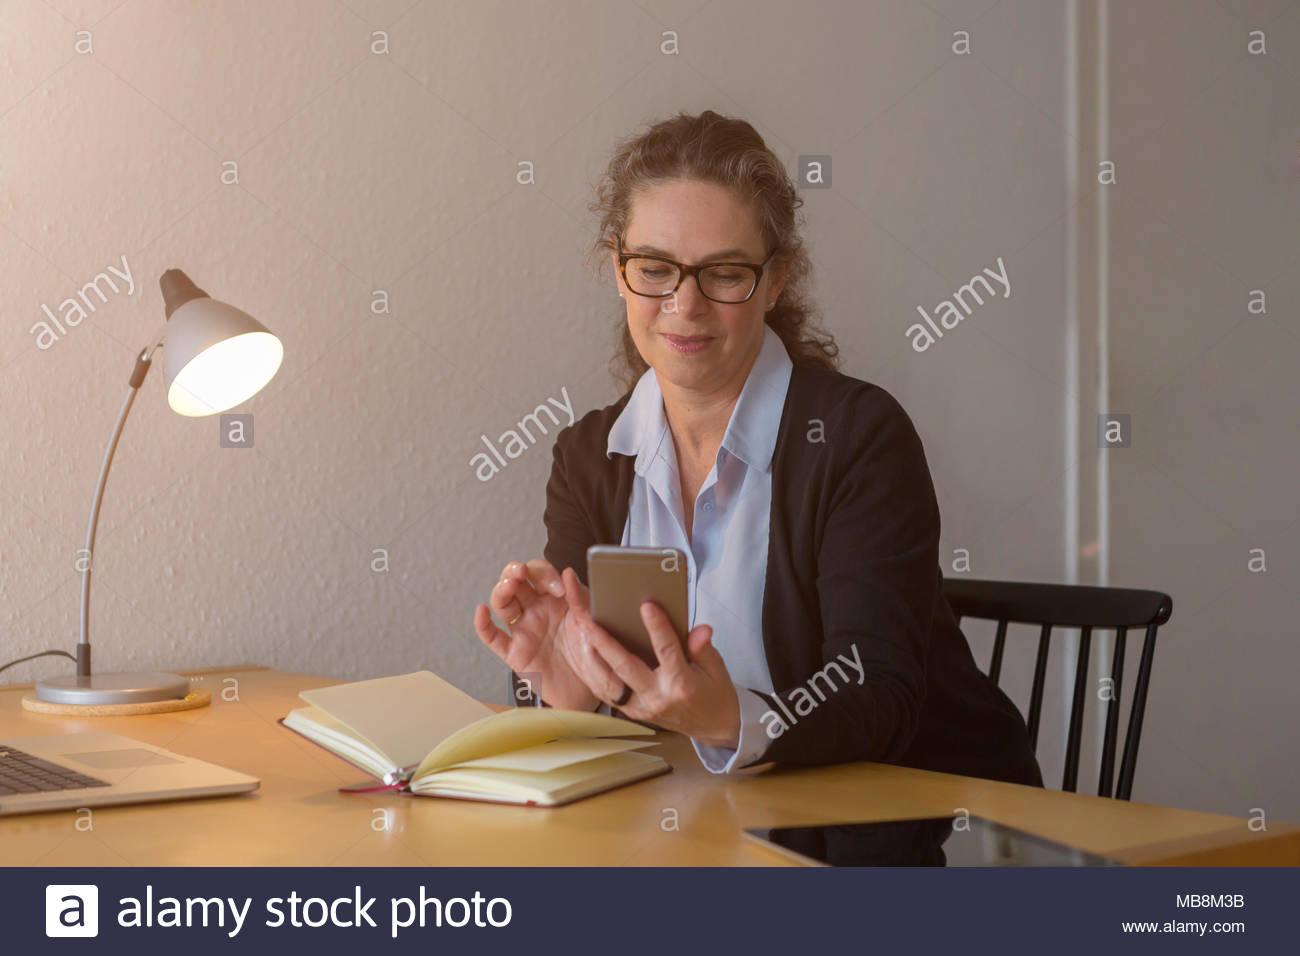 Portrait de la lecture d'un message sur son mobile Banque D'Images